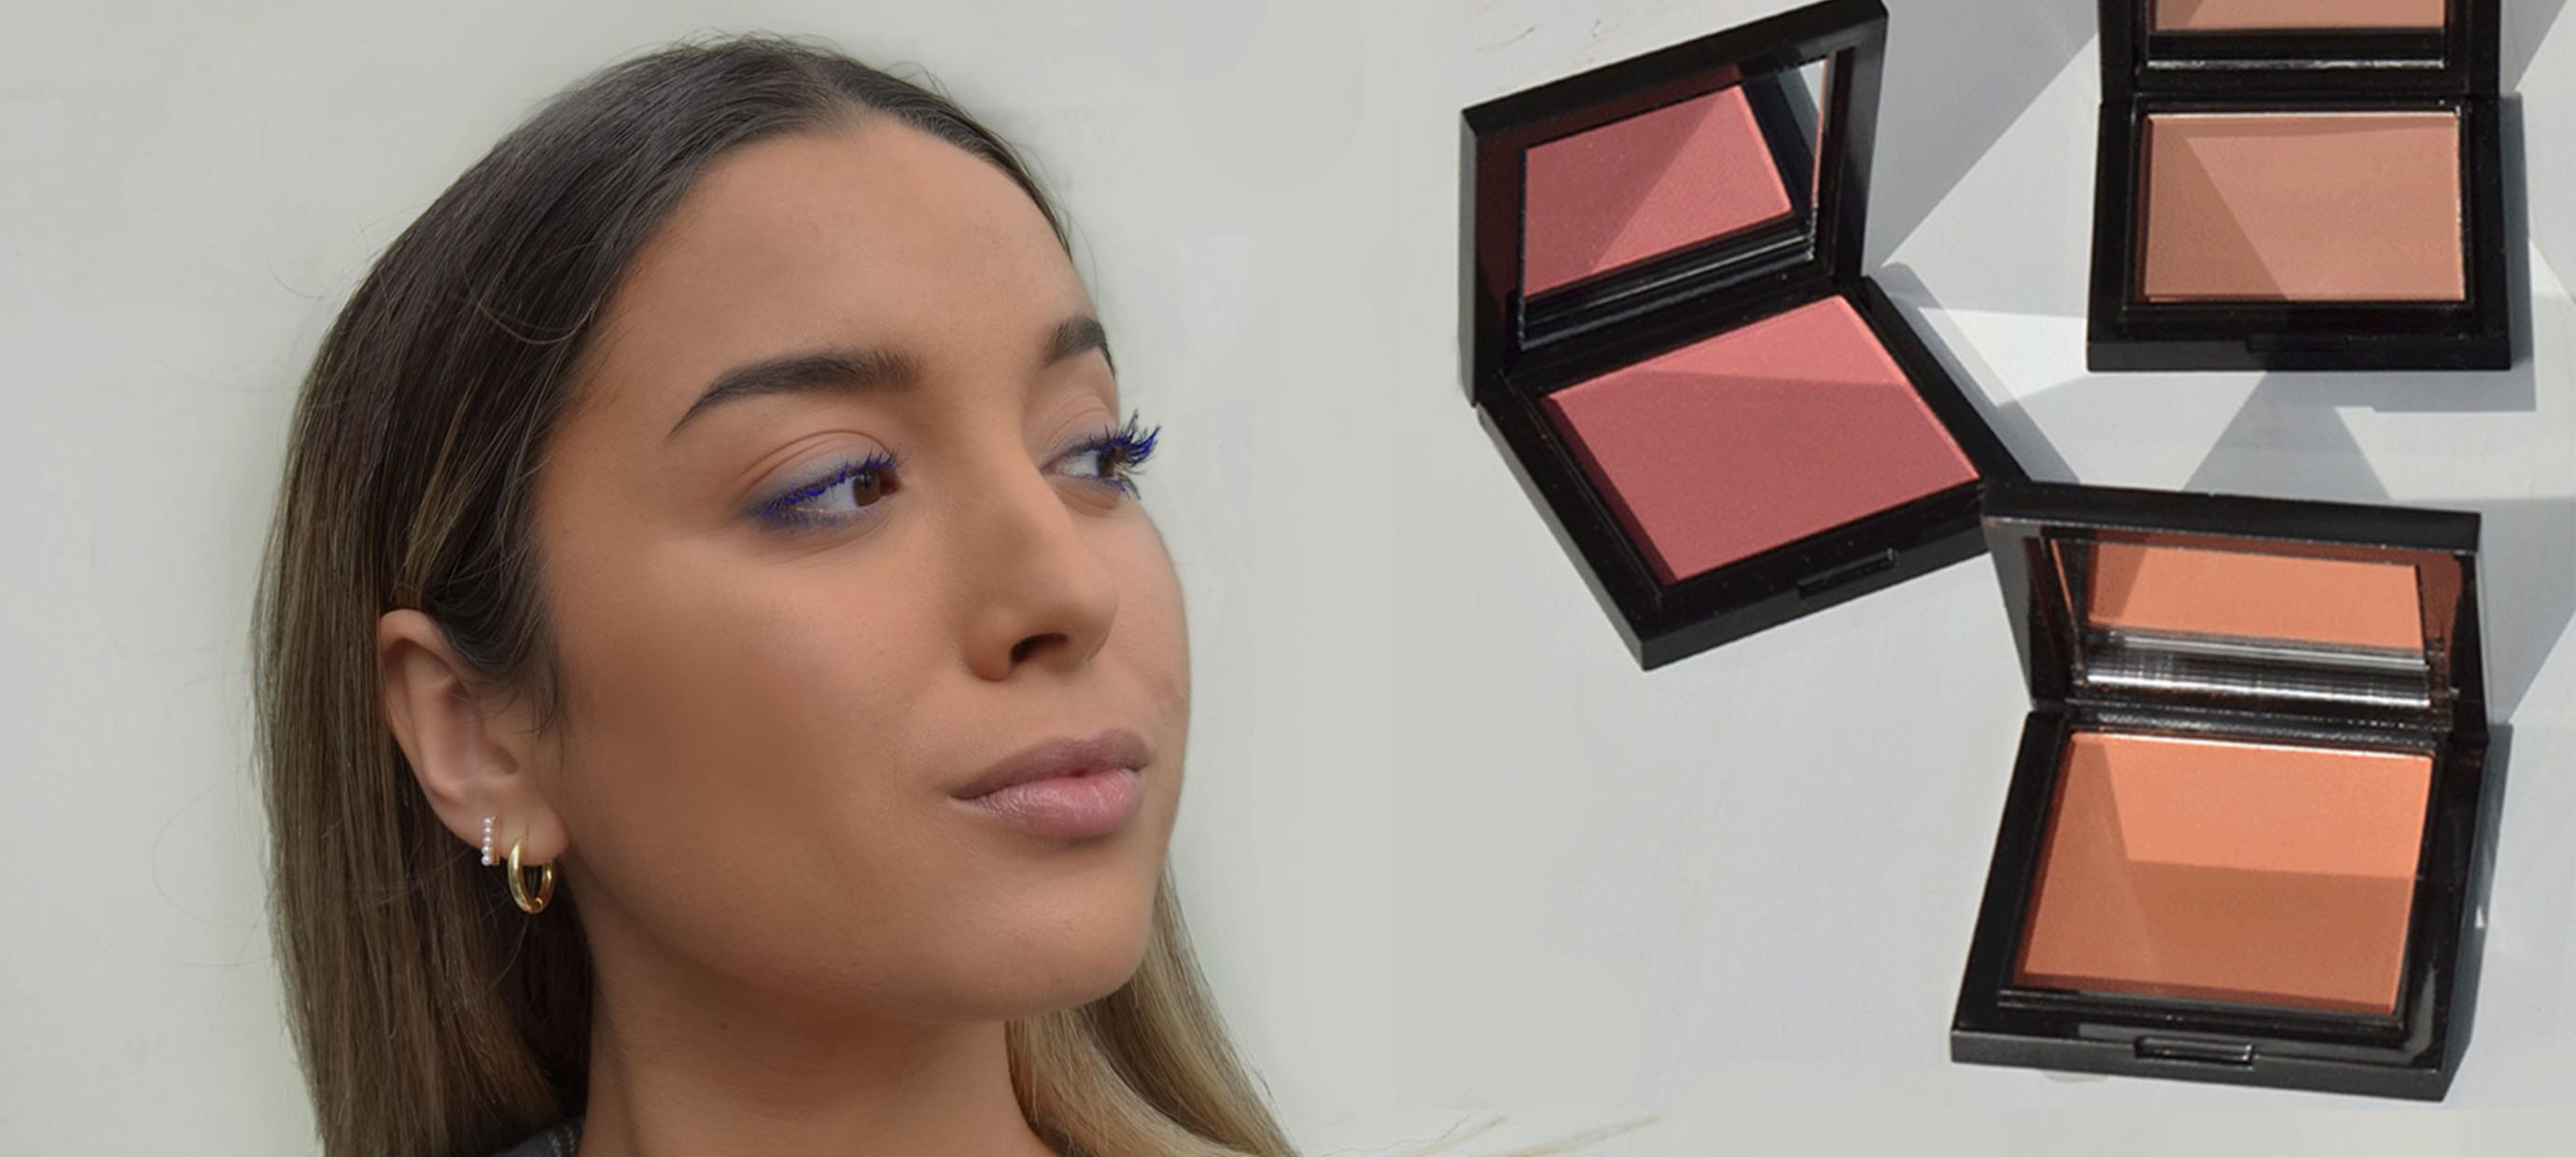 De make-up trends: najaar 2020